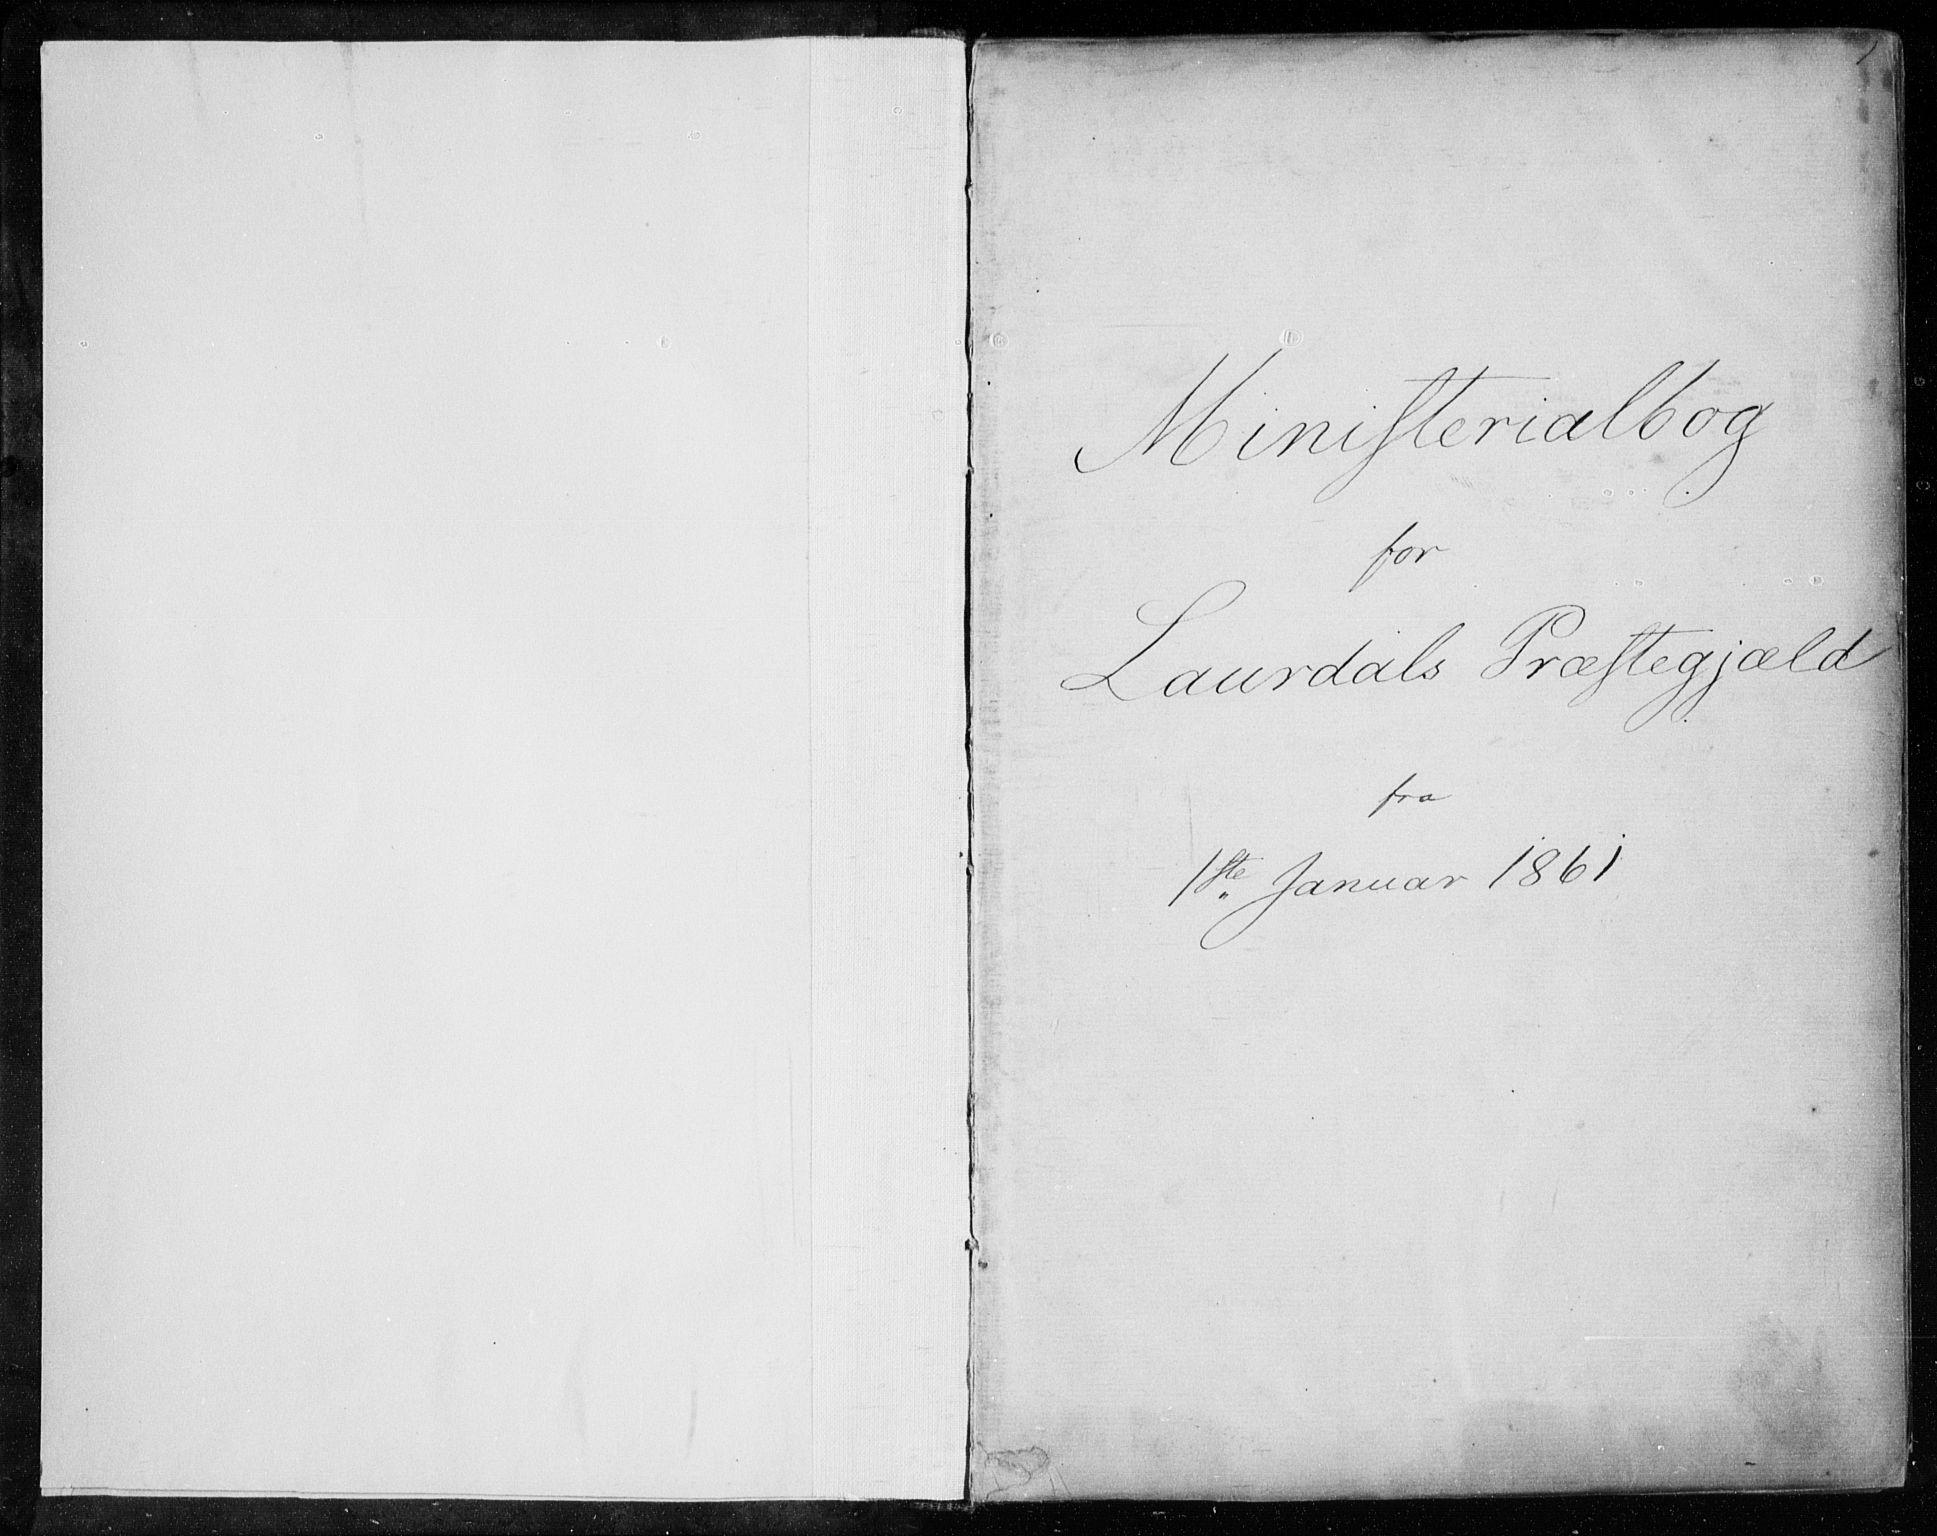 SAKO, Lårdal kirkebøker, F/Fa/L0006: Ministerialbok nr. I 6, 1861-1886, s. 1